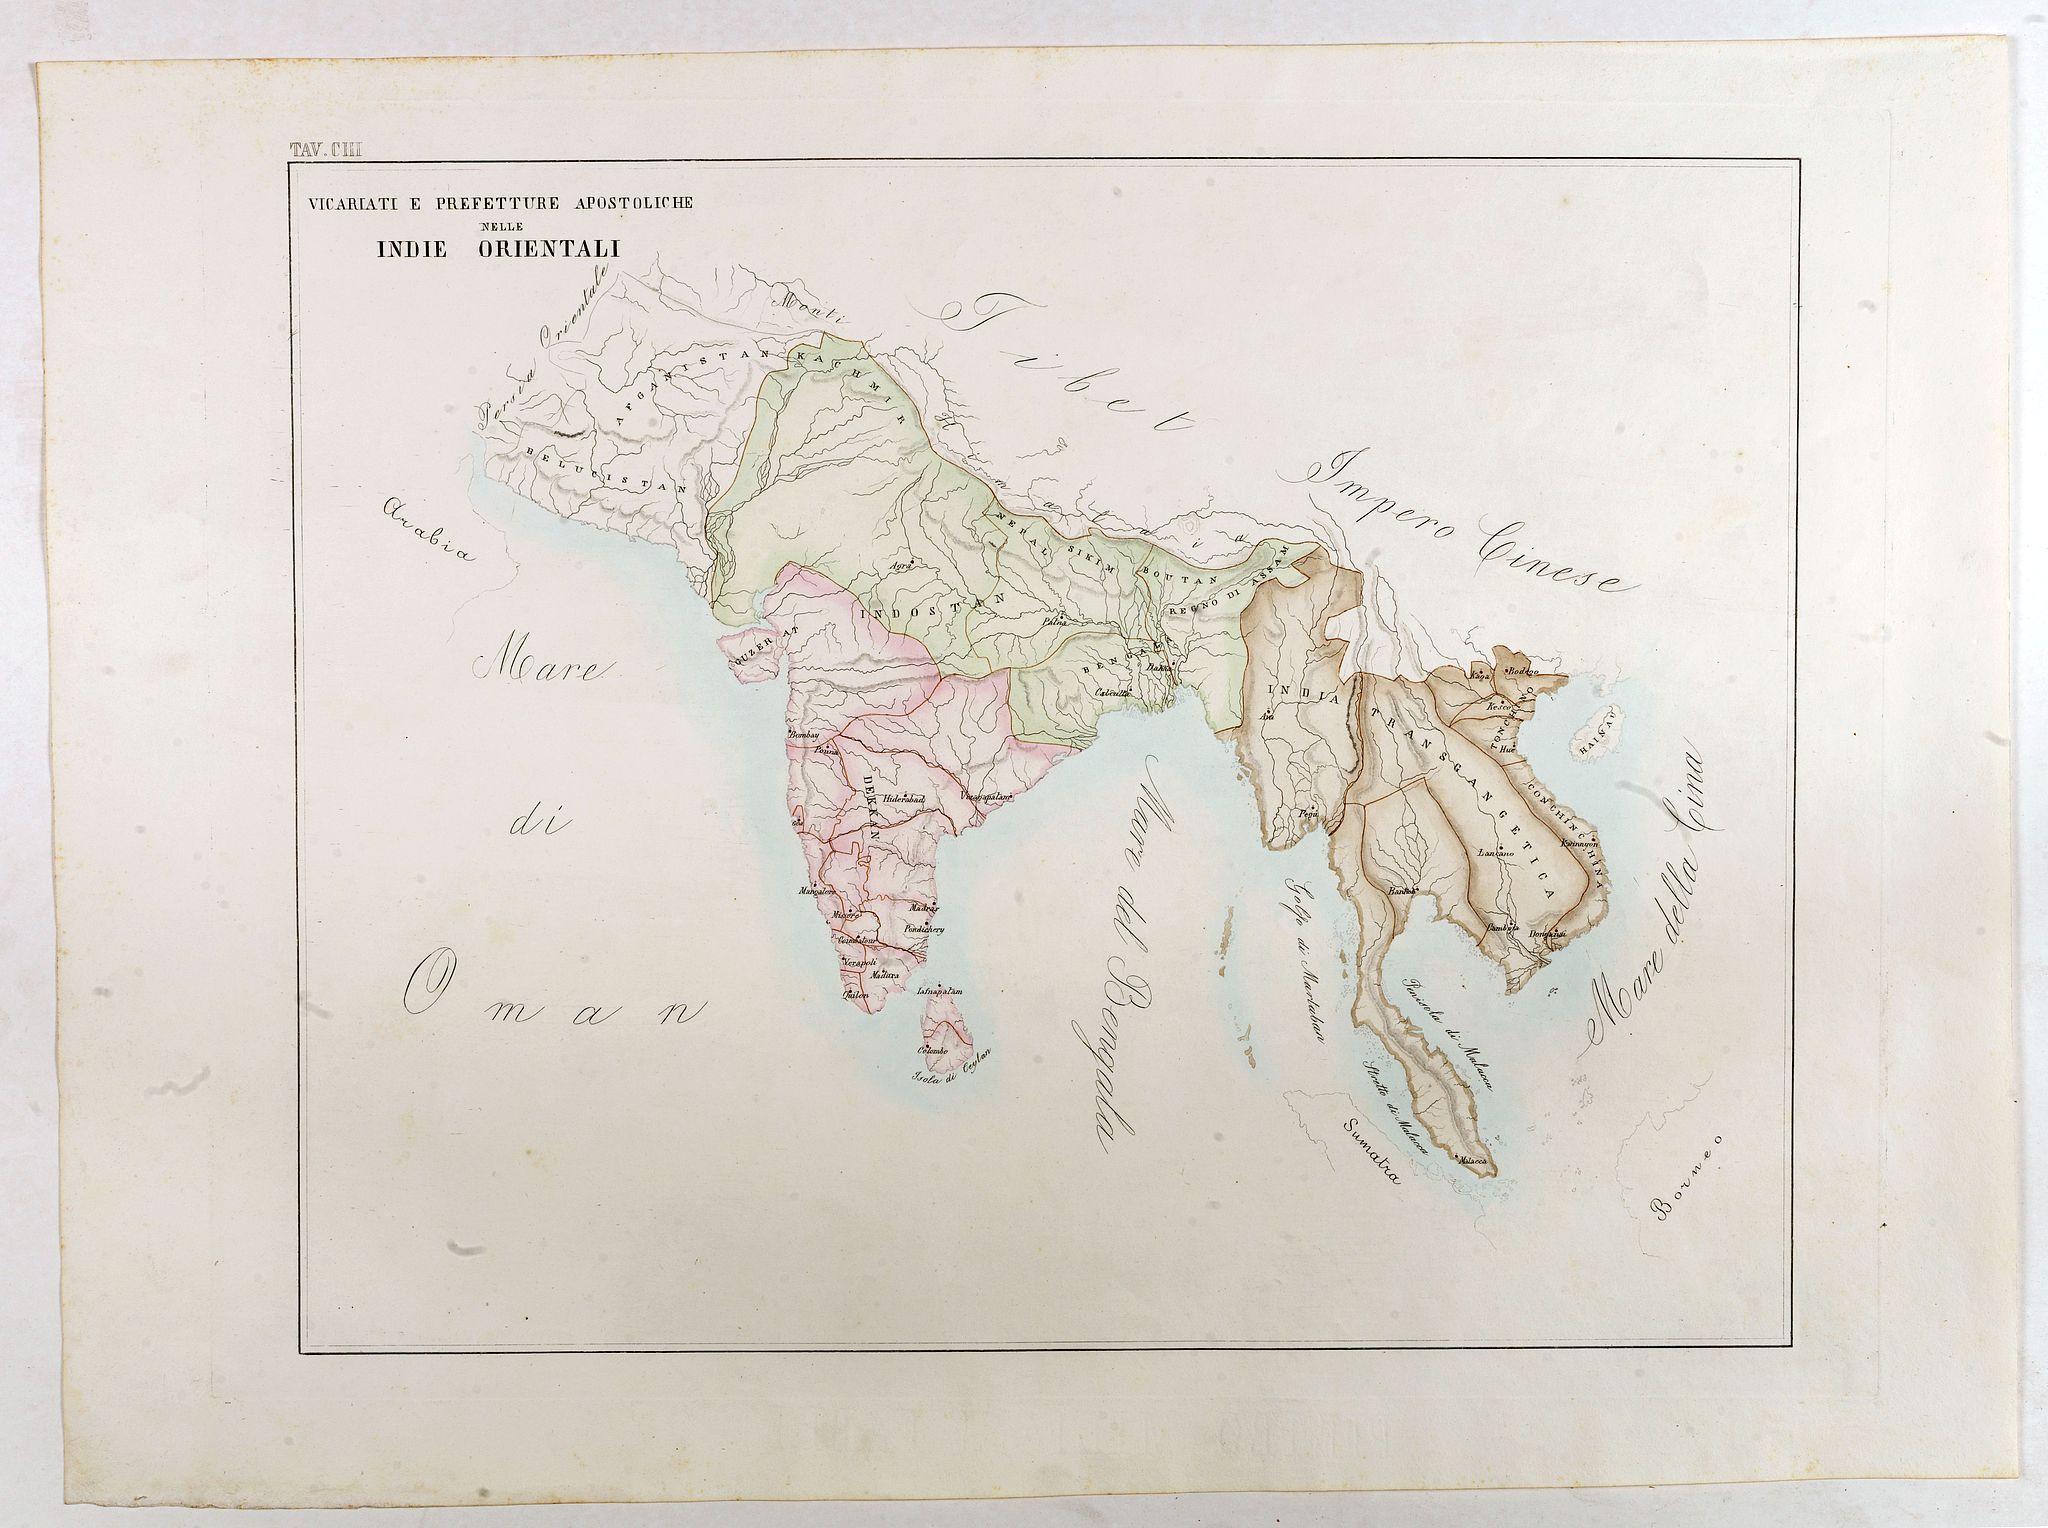 PETRI, G. -  Vicariati E prefetture apostoliche nelle Indie Orientalis